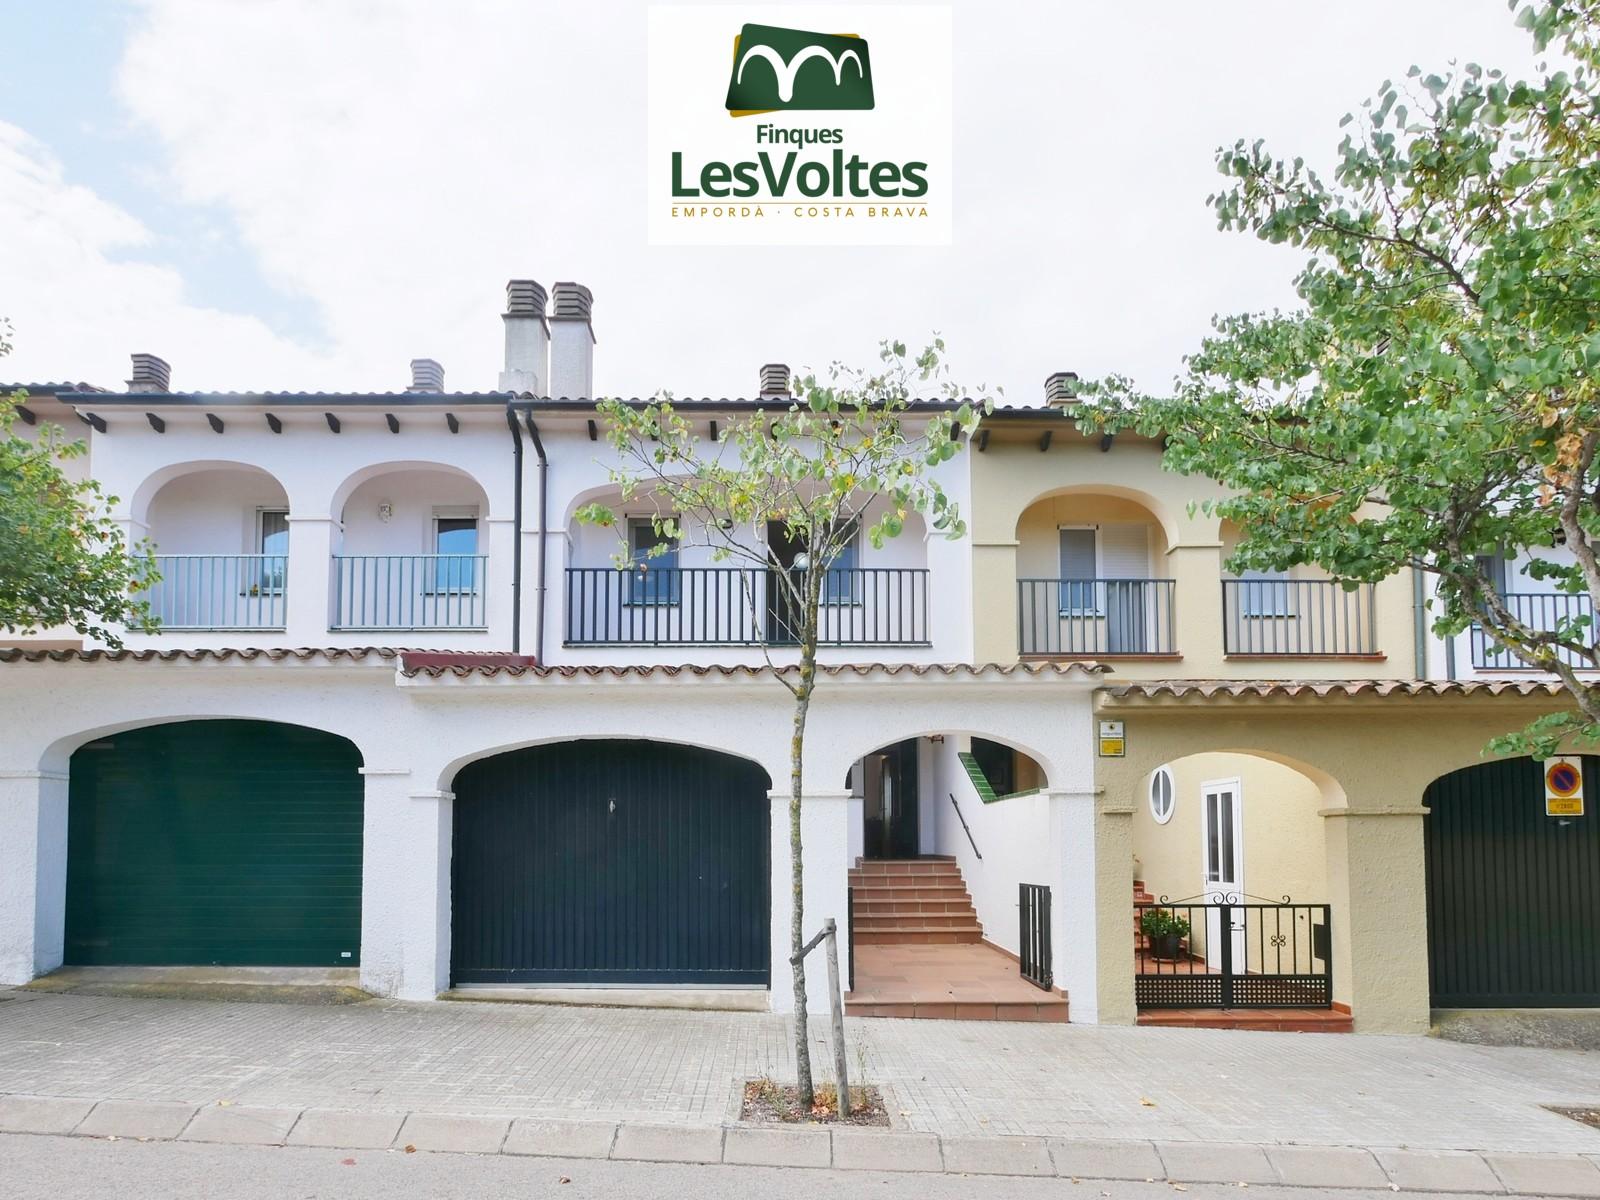 Casa de 4 habitacions amb pati en venda a Palafrugell. Zona tranquil·la i ben situada.